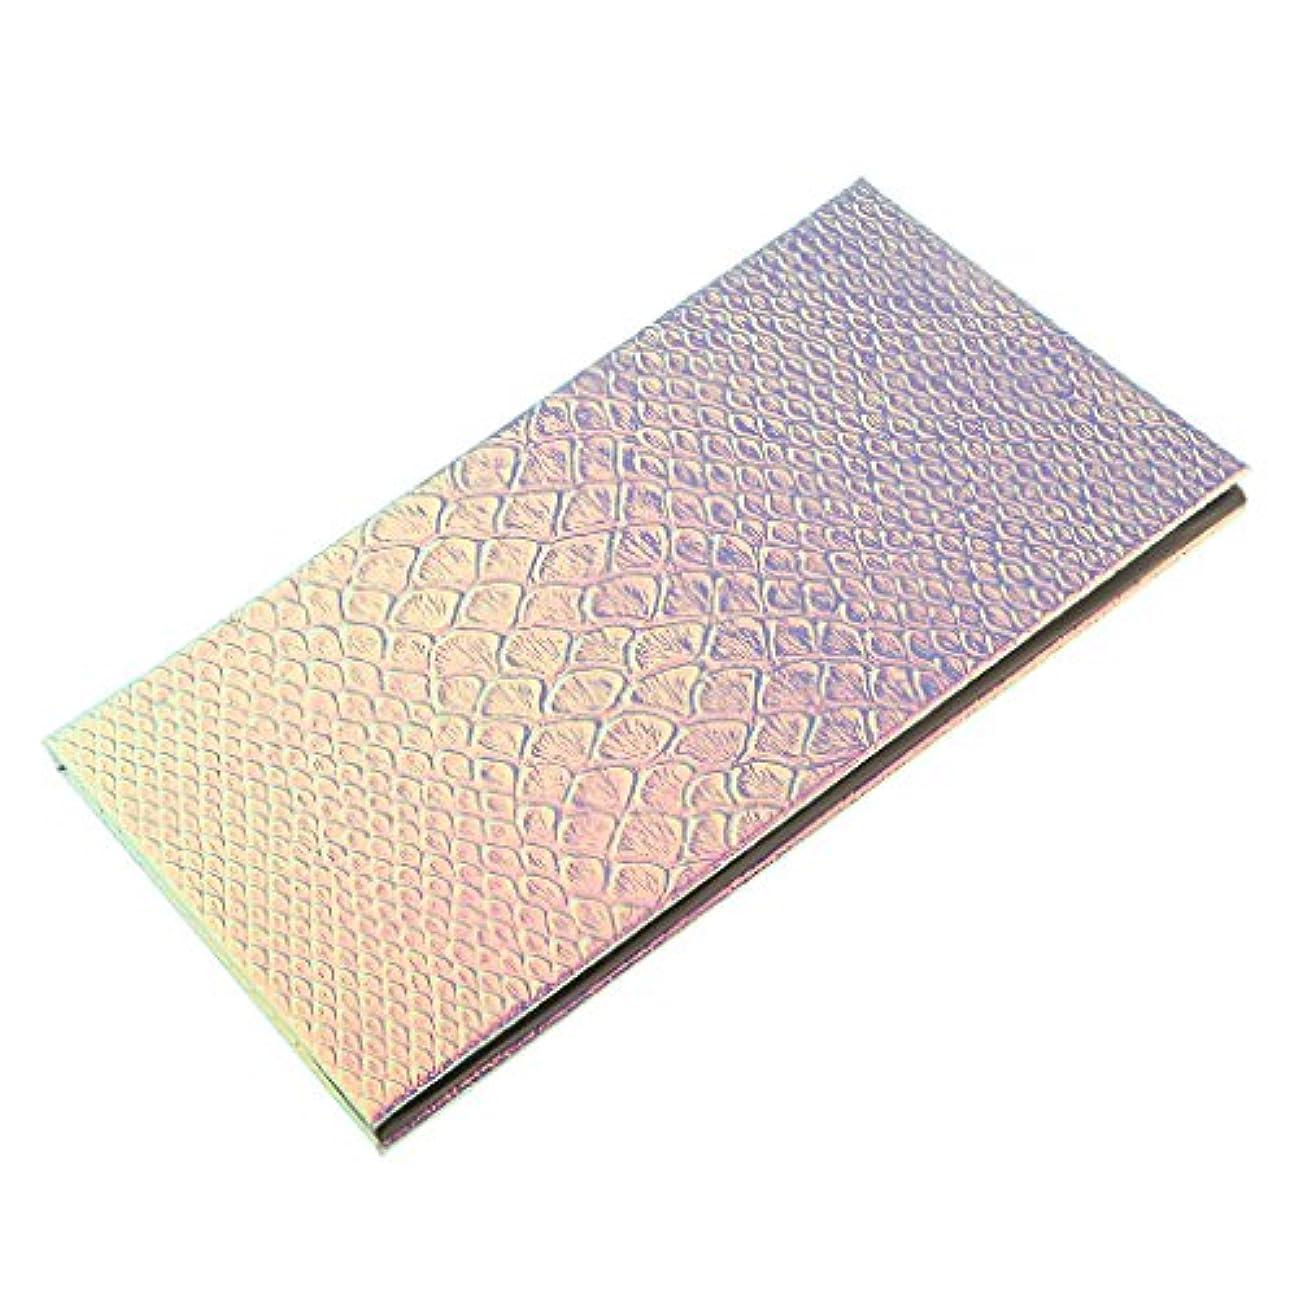 葬儀スコットランド人心理的磁気パレットボックス 空の磁気パレット メイクアップ 化粧 コスメ 収納 ボックス 全2サイズ選べ - 18x10cm